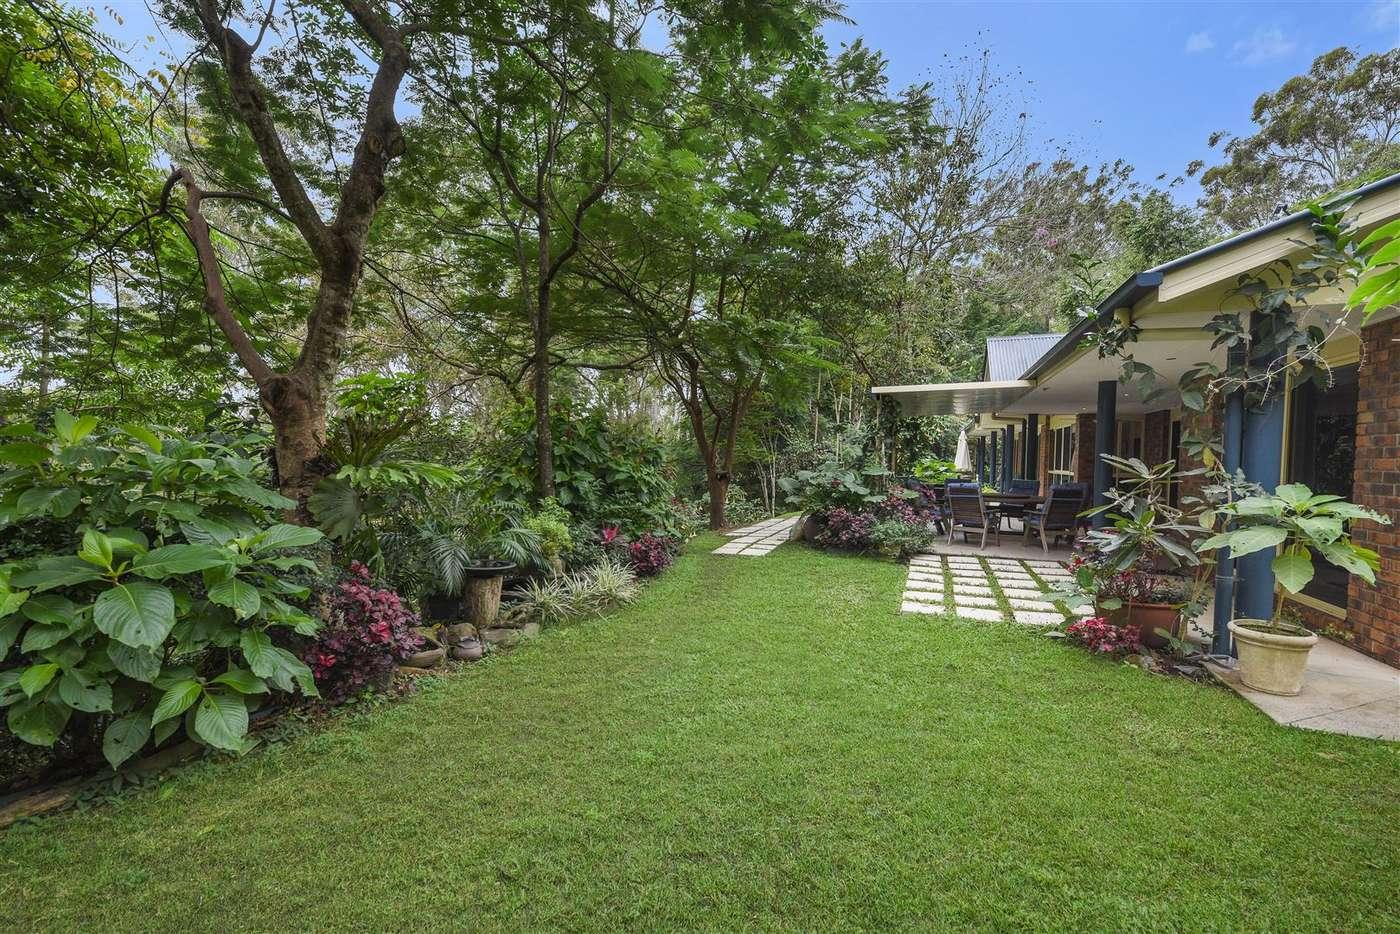 Main view of Homely  listing, 322 Upper Landershute Road, Landers Shoot, QLD 4555